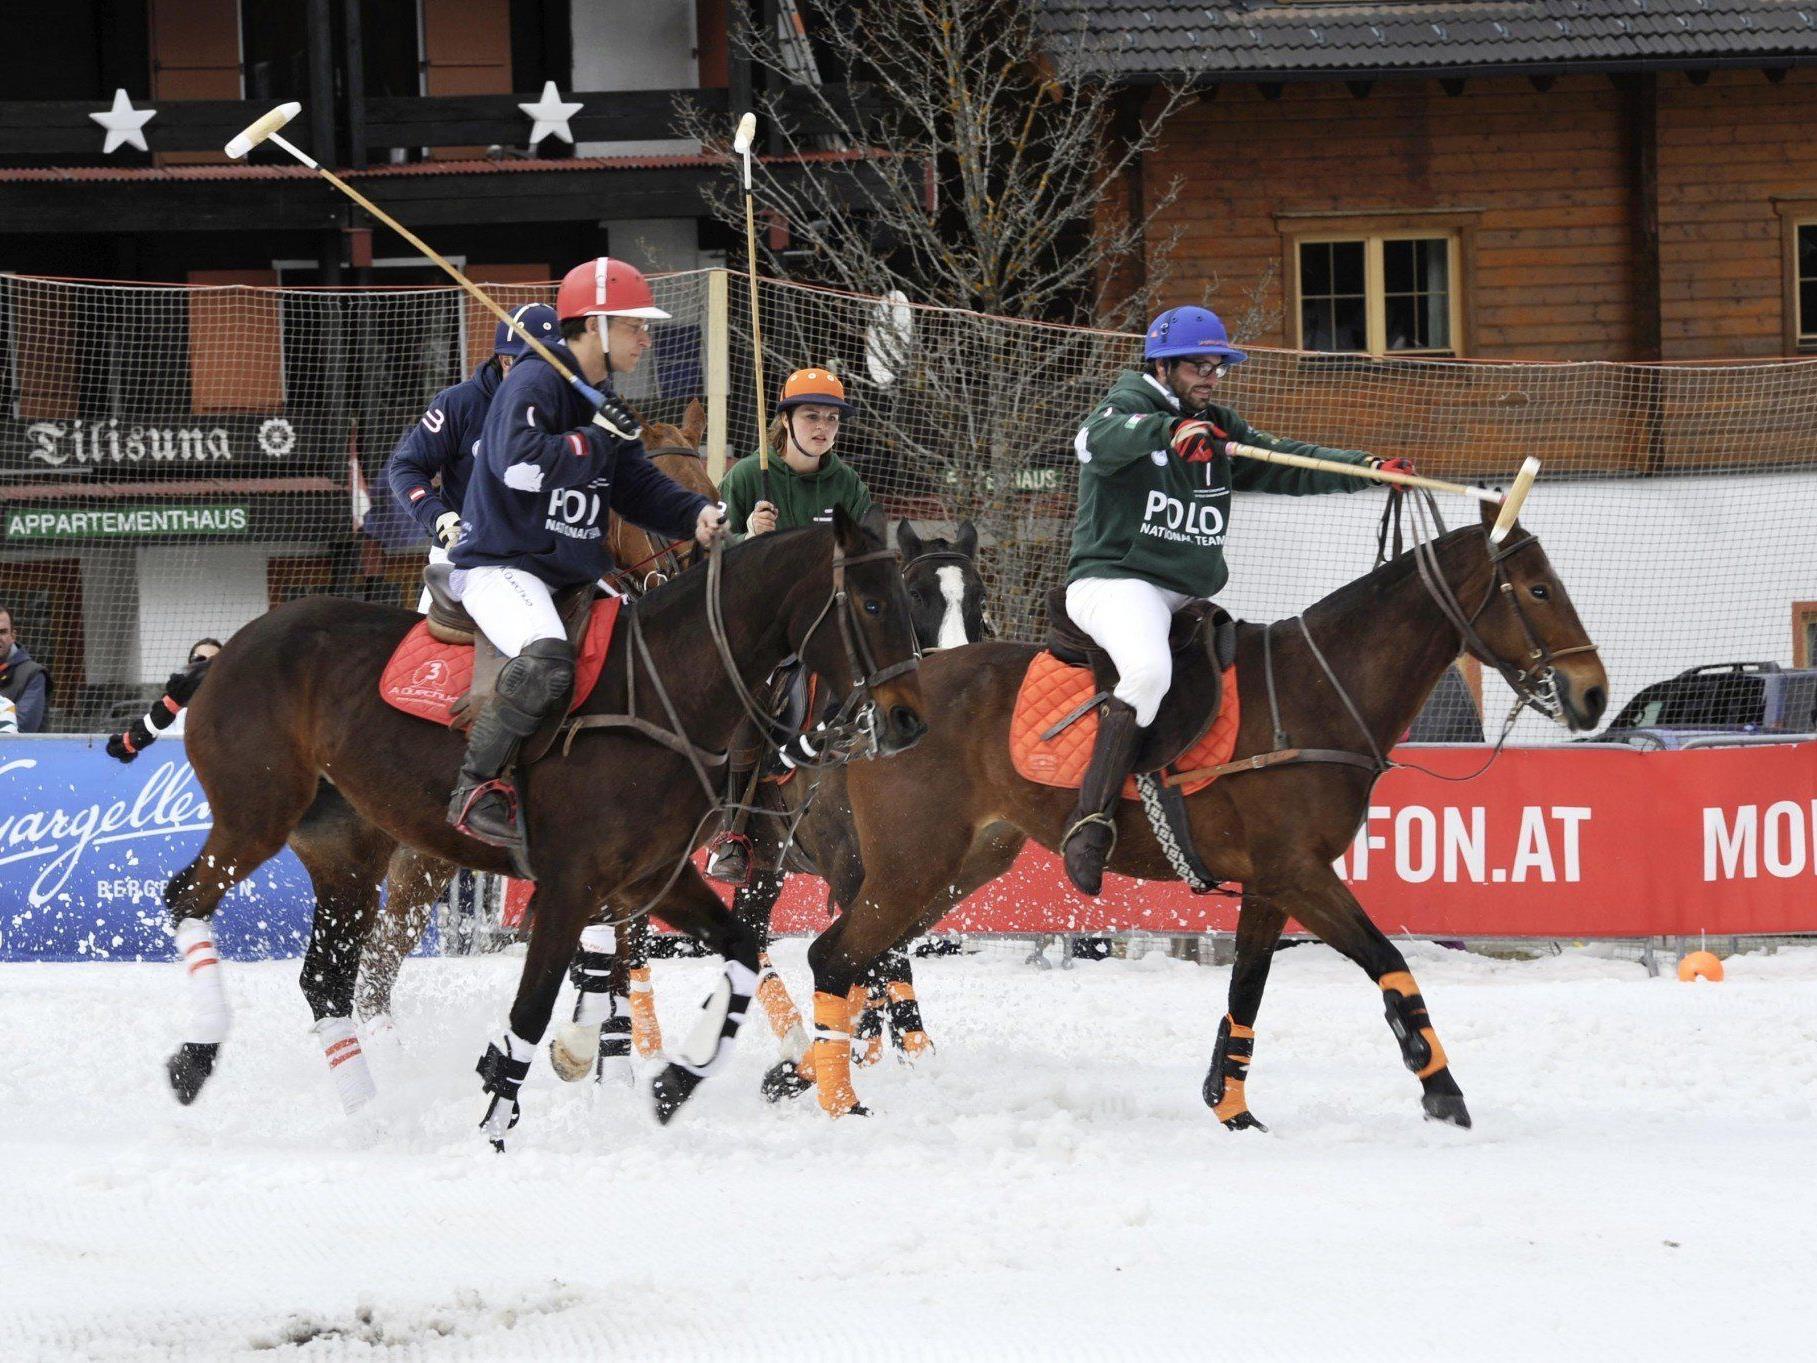 Team Österreich kämpft am Sonntag ab 12 Uhr um den Europameistertitel